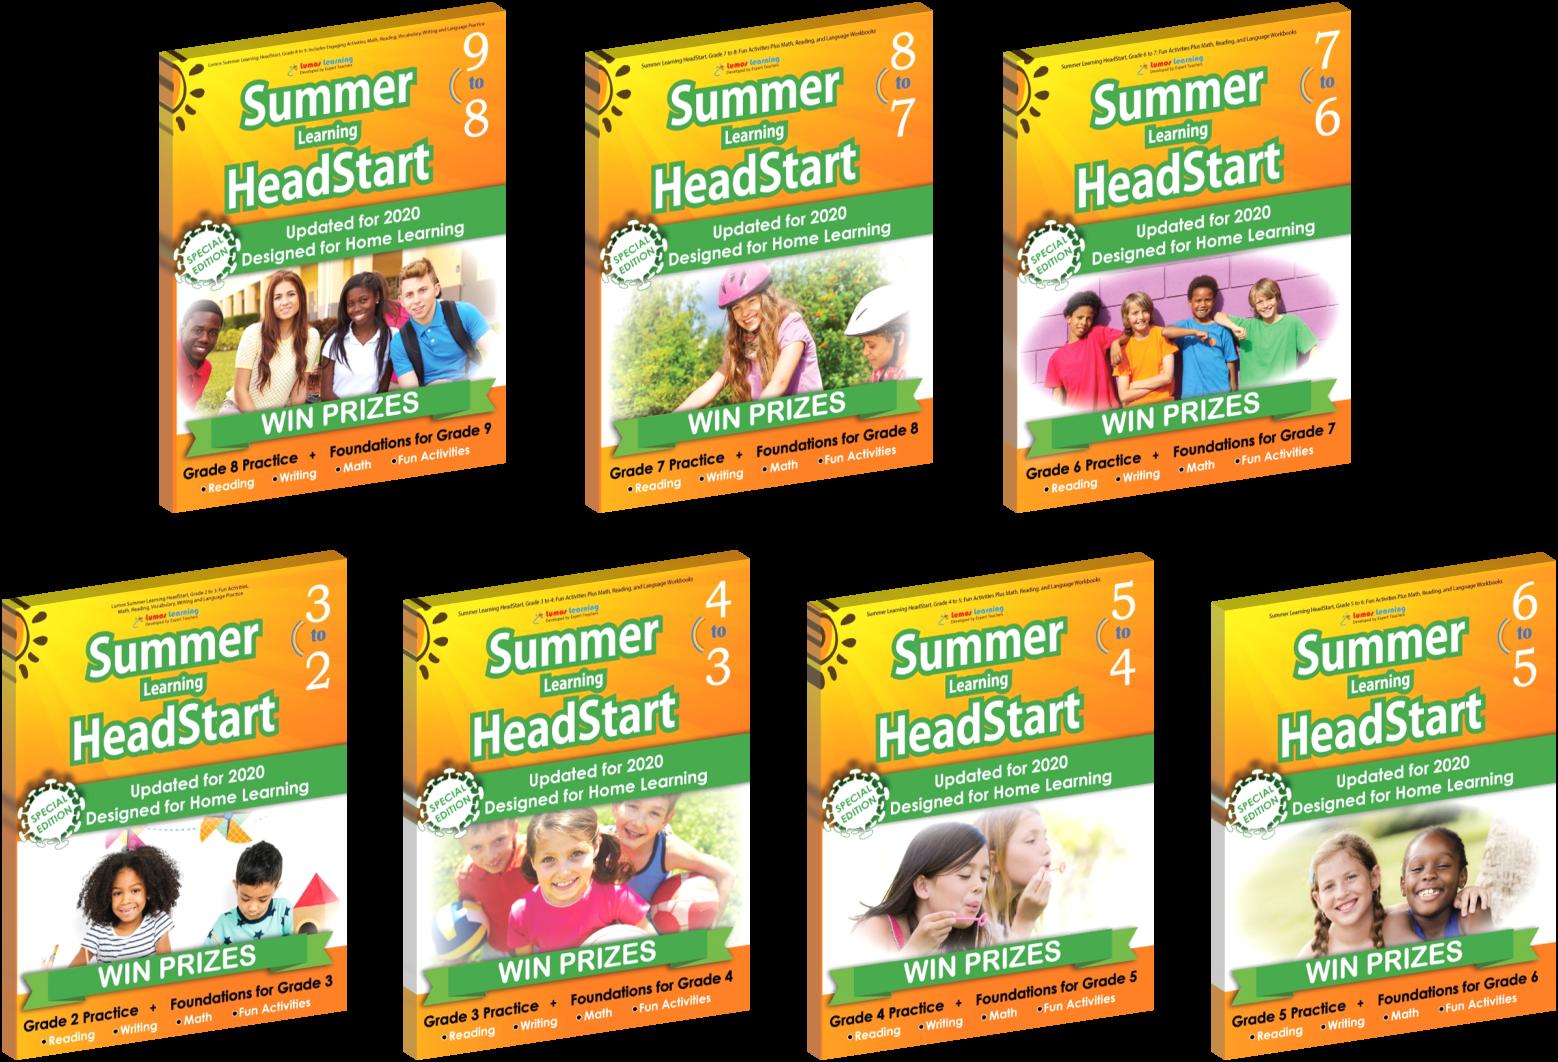 Summerr Learning HeadStart Books